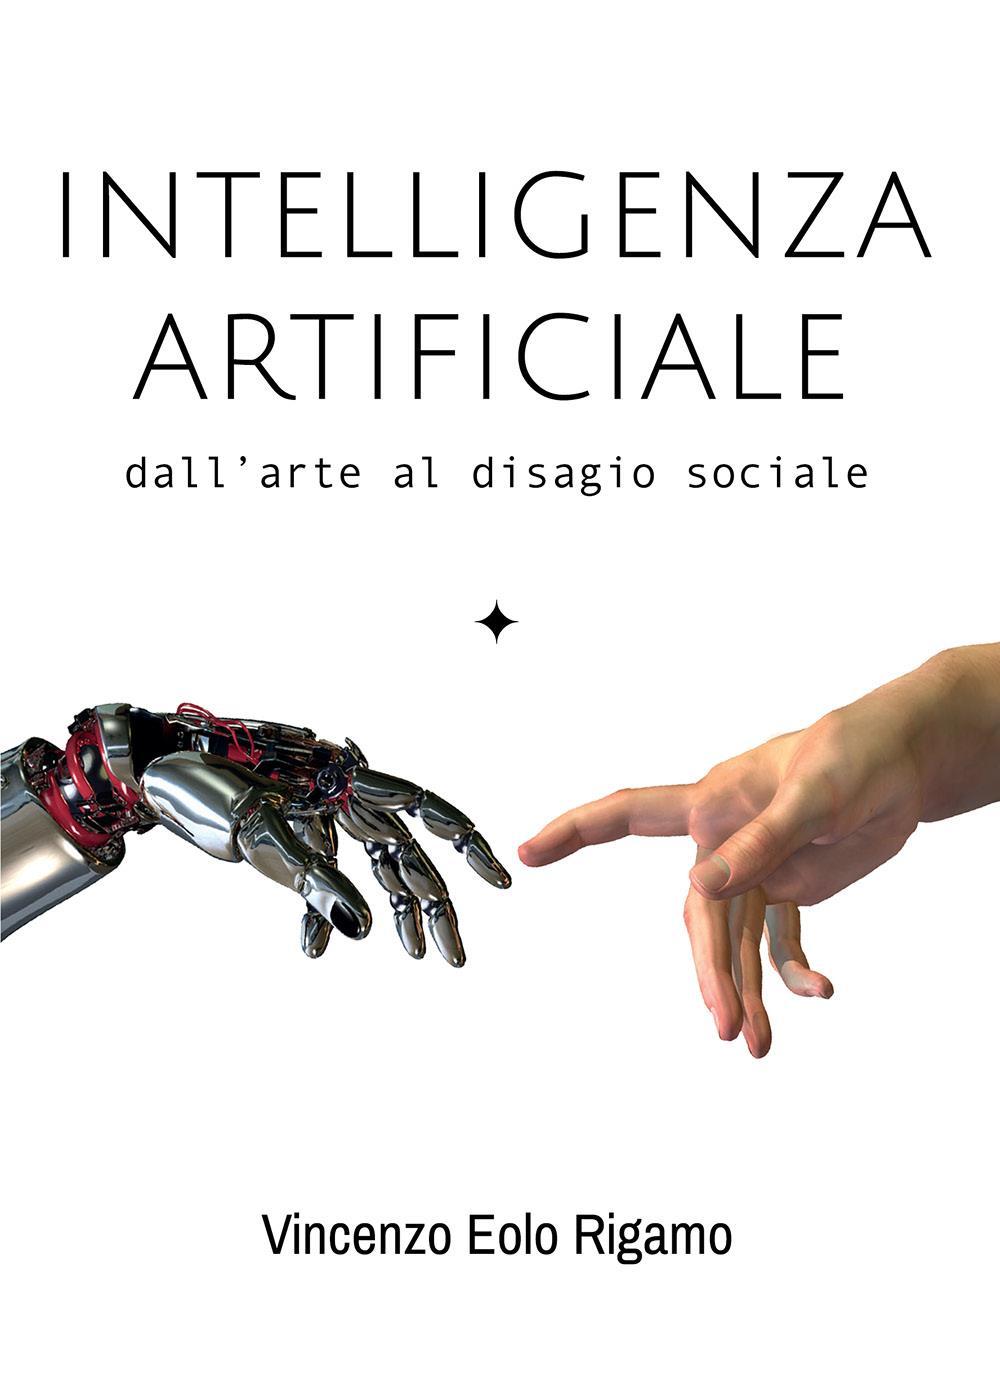 Intelligenza artificiale - dall'arte al disagio sociale